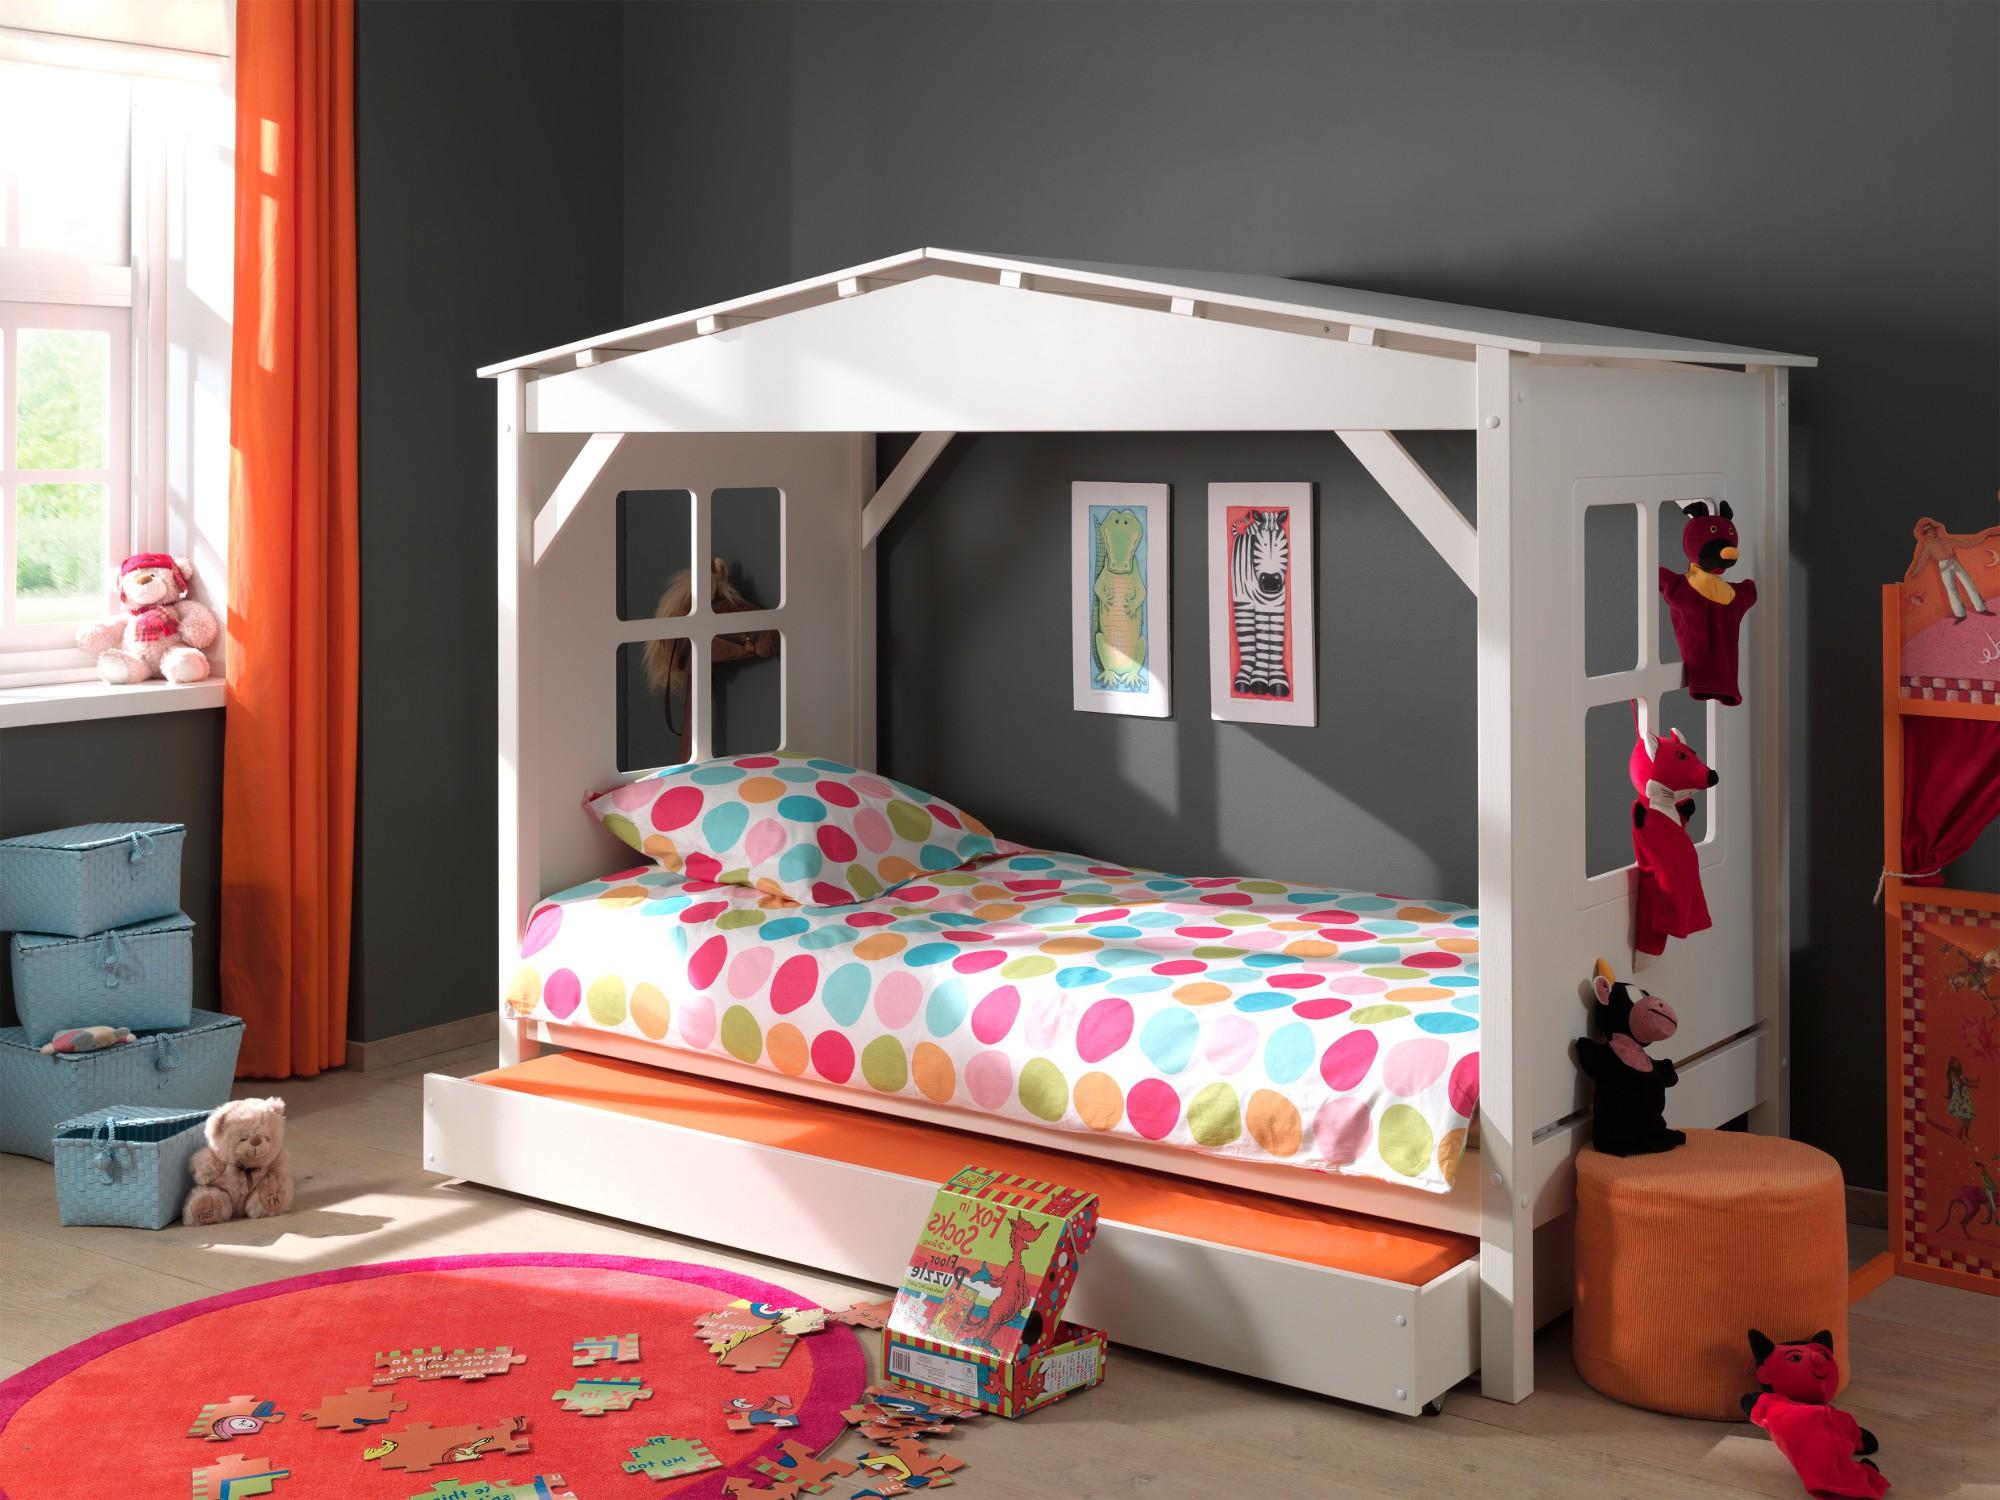 Aufregend Bett Naturholz Bild Von Bett Idee